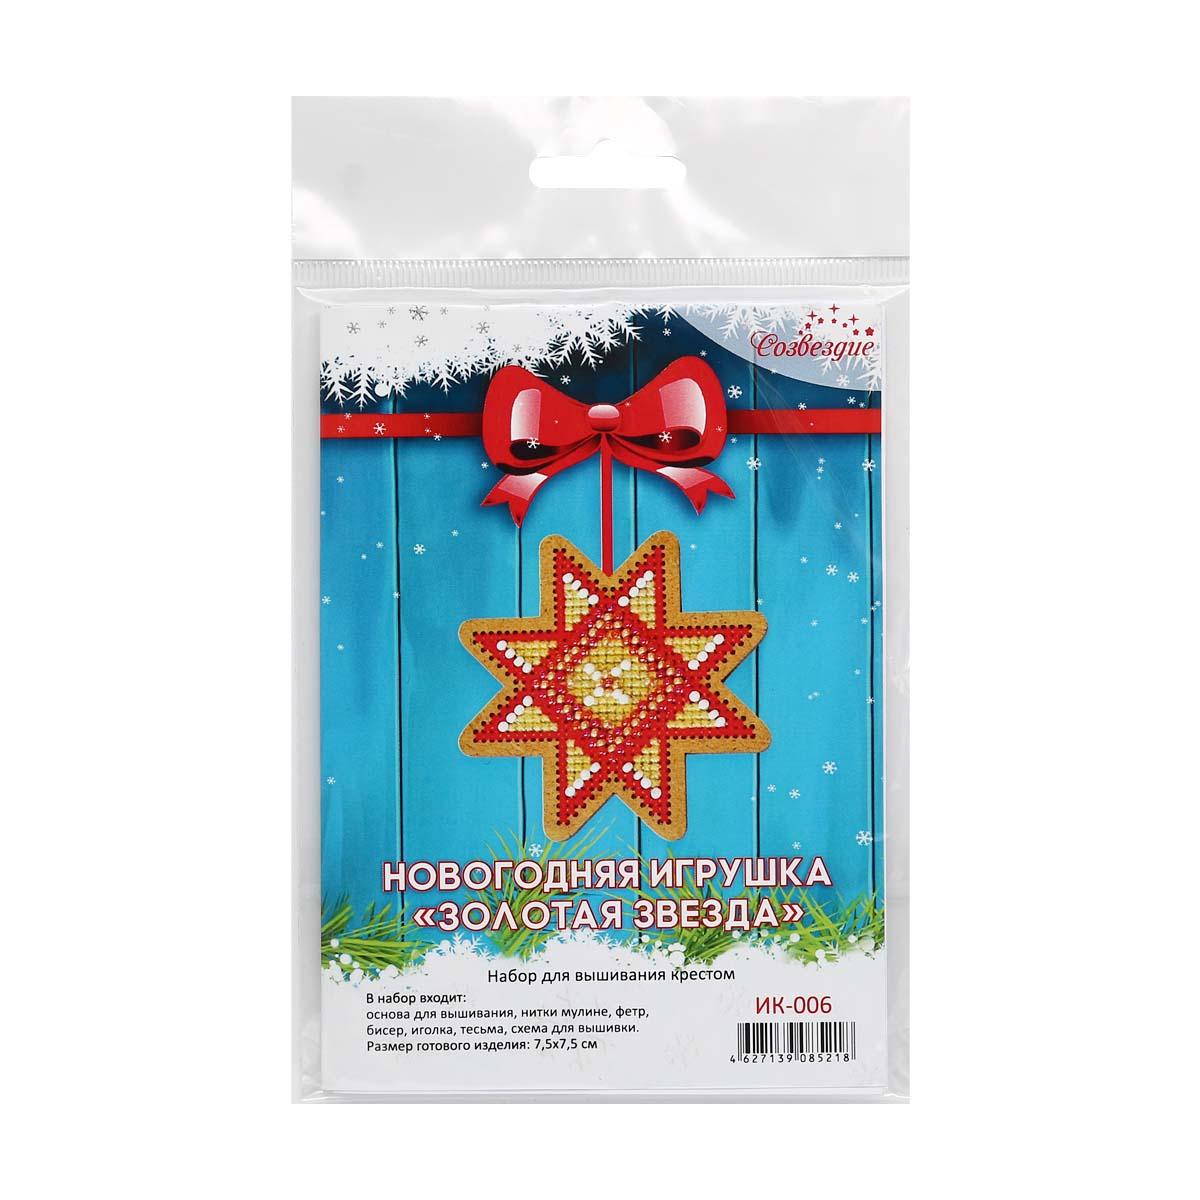 ИК-006 Набор для вышивания крестом на основе Созвездие 'Новогодняя игрушка 'Золотая звезда'7,5*7,5см